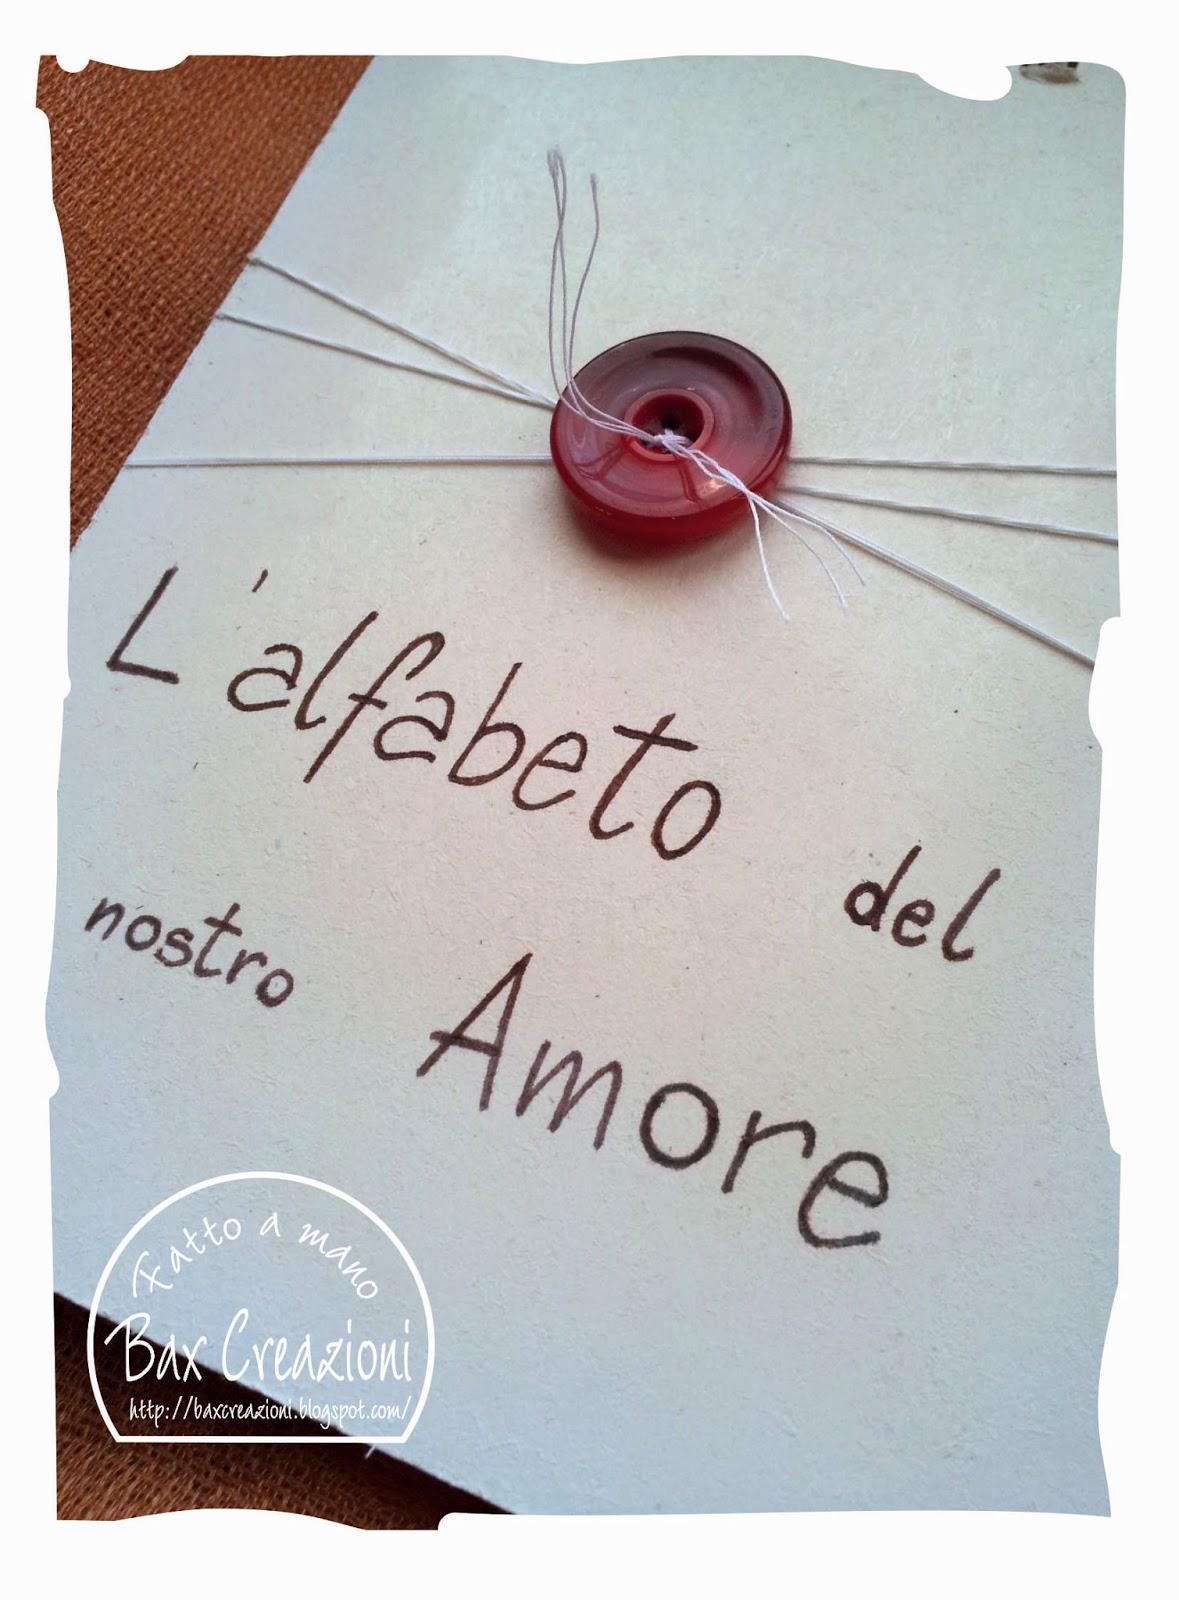 Anniversario Di Matrimonio Frasi D Amore.Frasi D Amore Per Anniversario Di Matrimonio